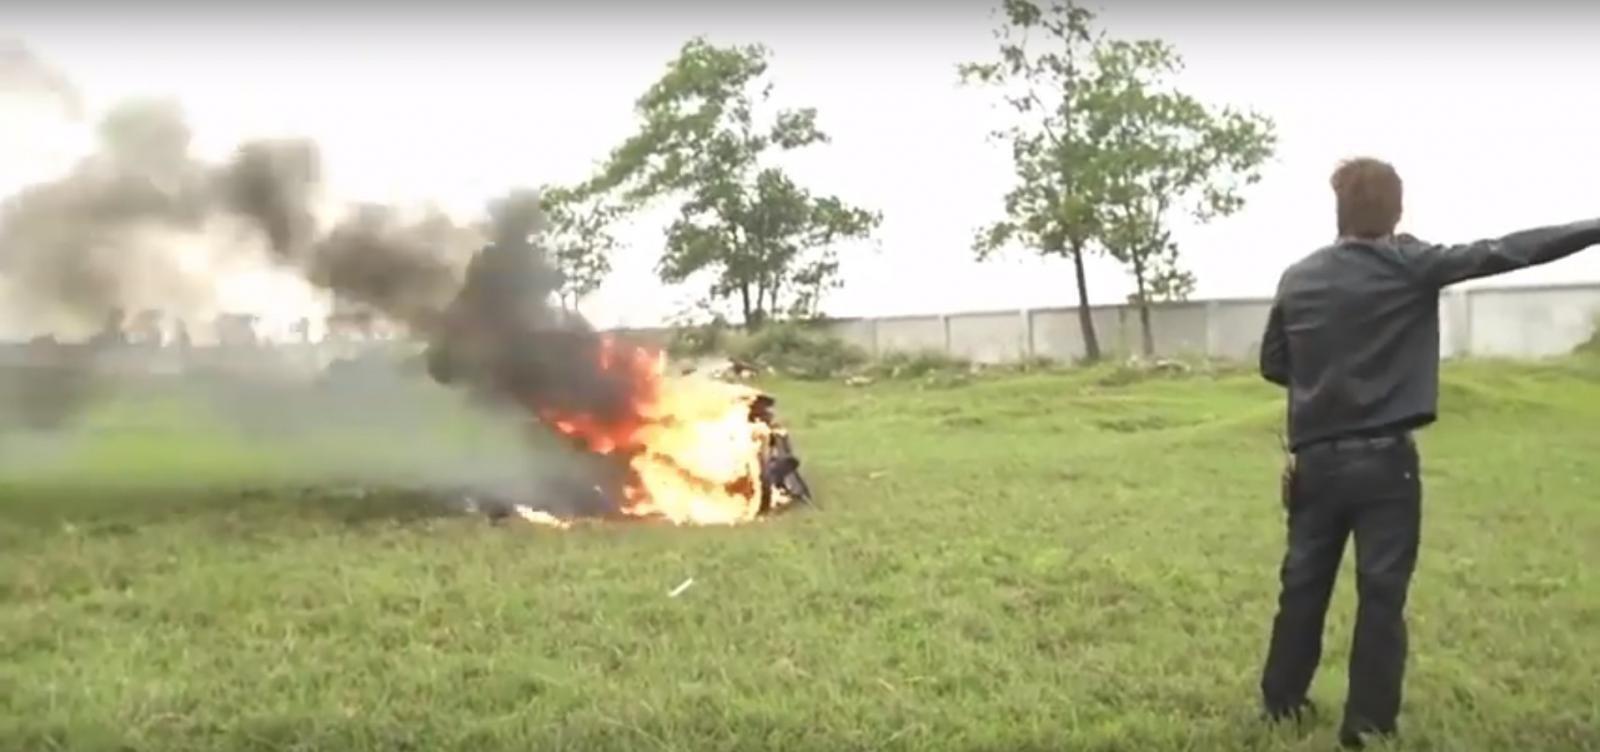 Chiếc xe cháy chỉ còn trơ khung